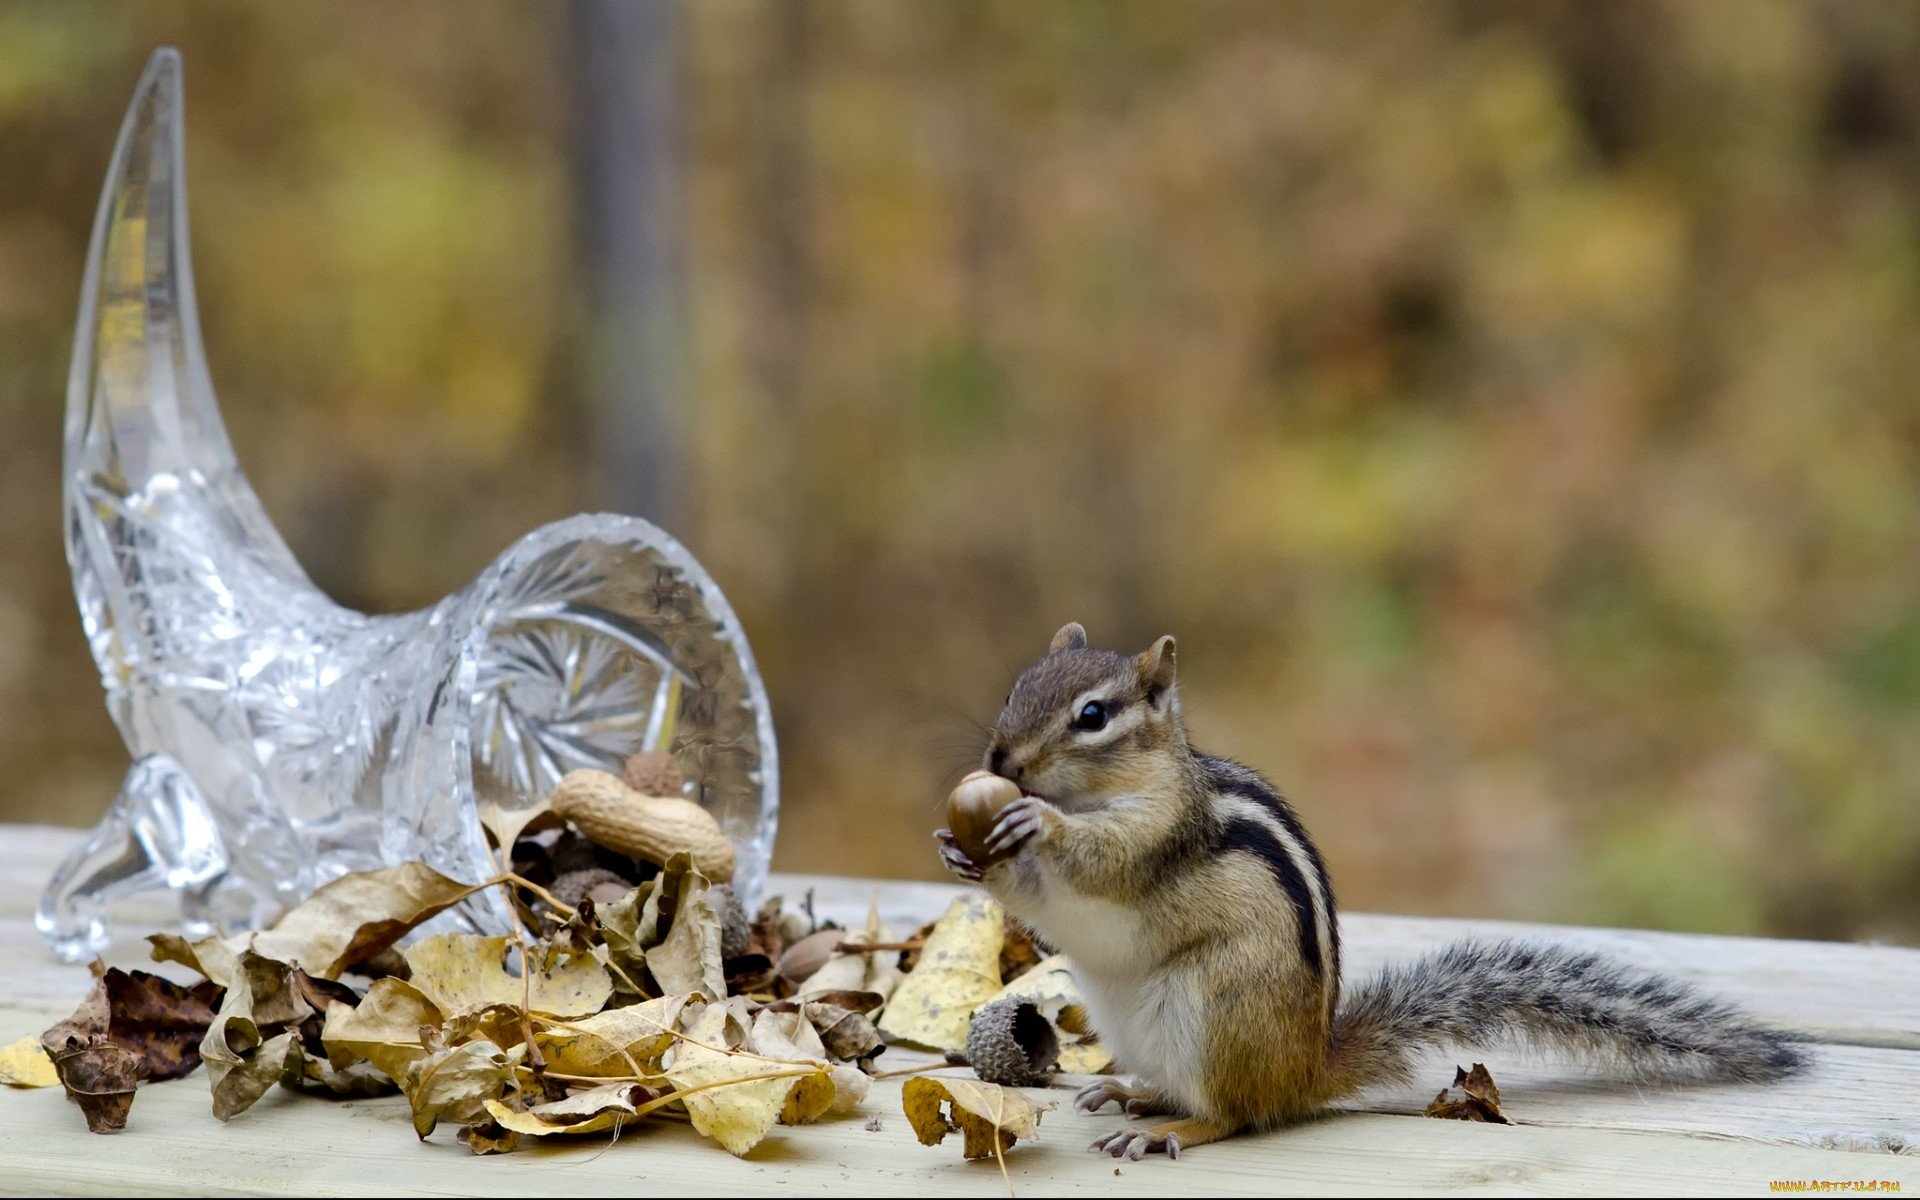 бурундук с арахисом  № 136405 бесплатно